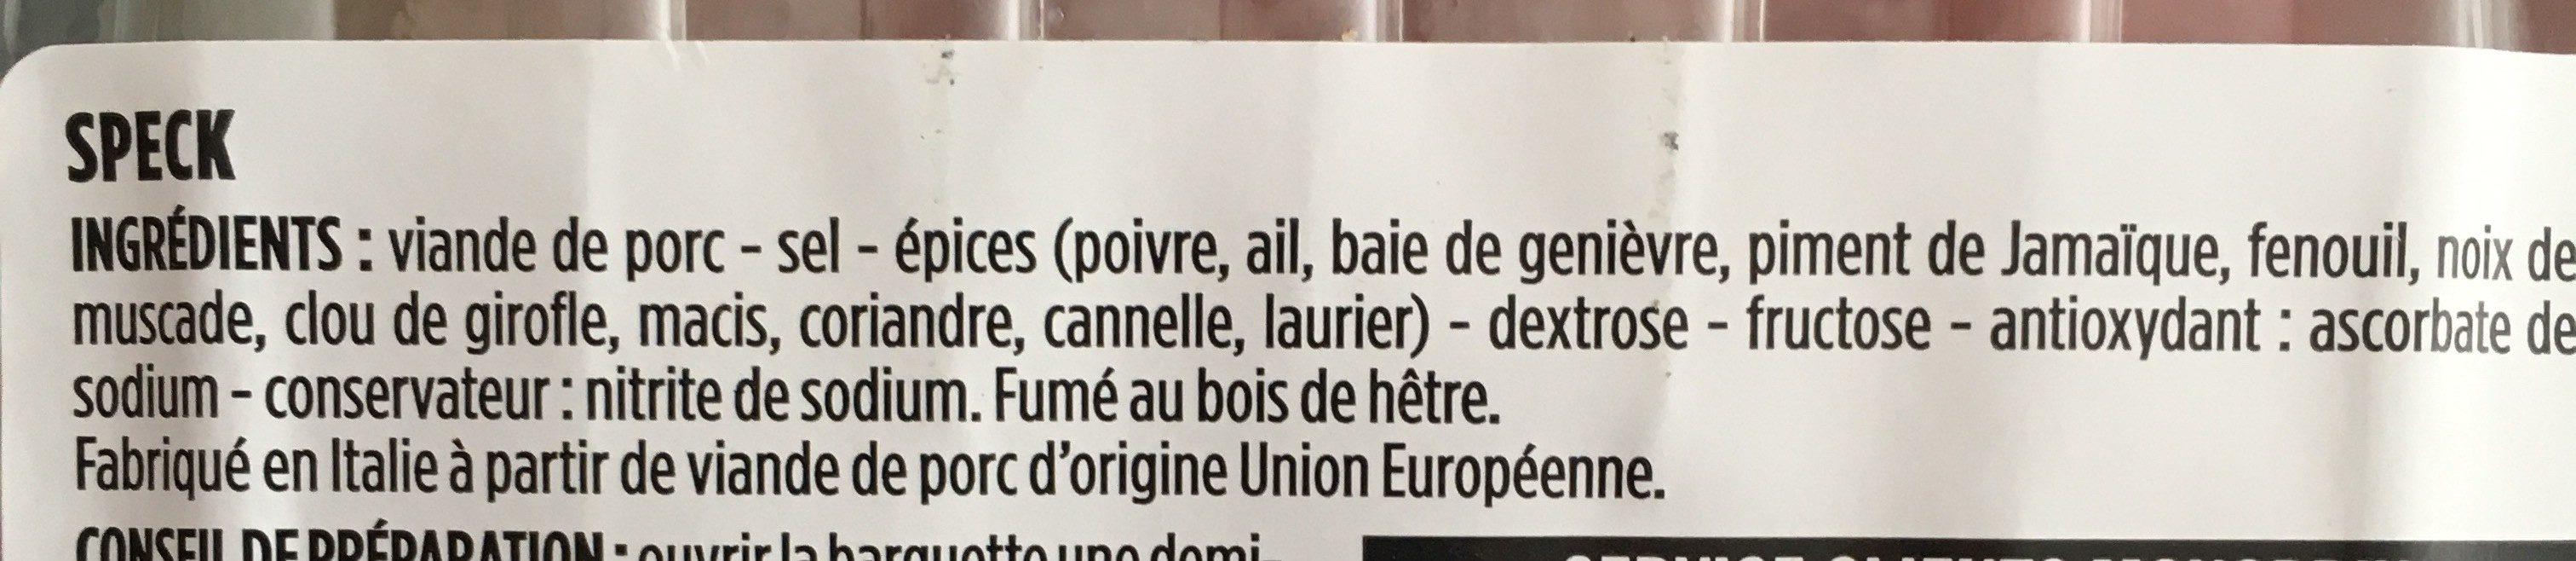 Speck fumé au bois de hêtre - Ingrediënten - fr